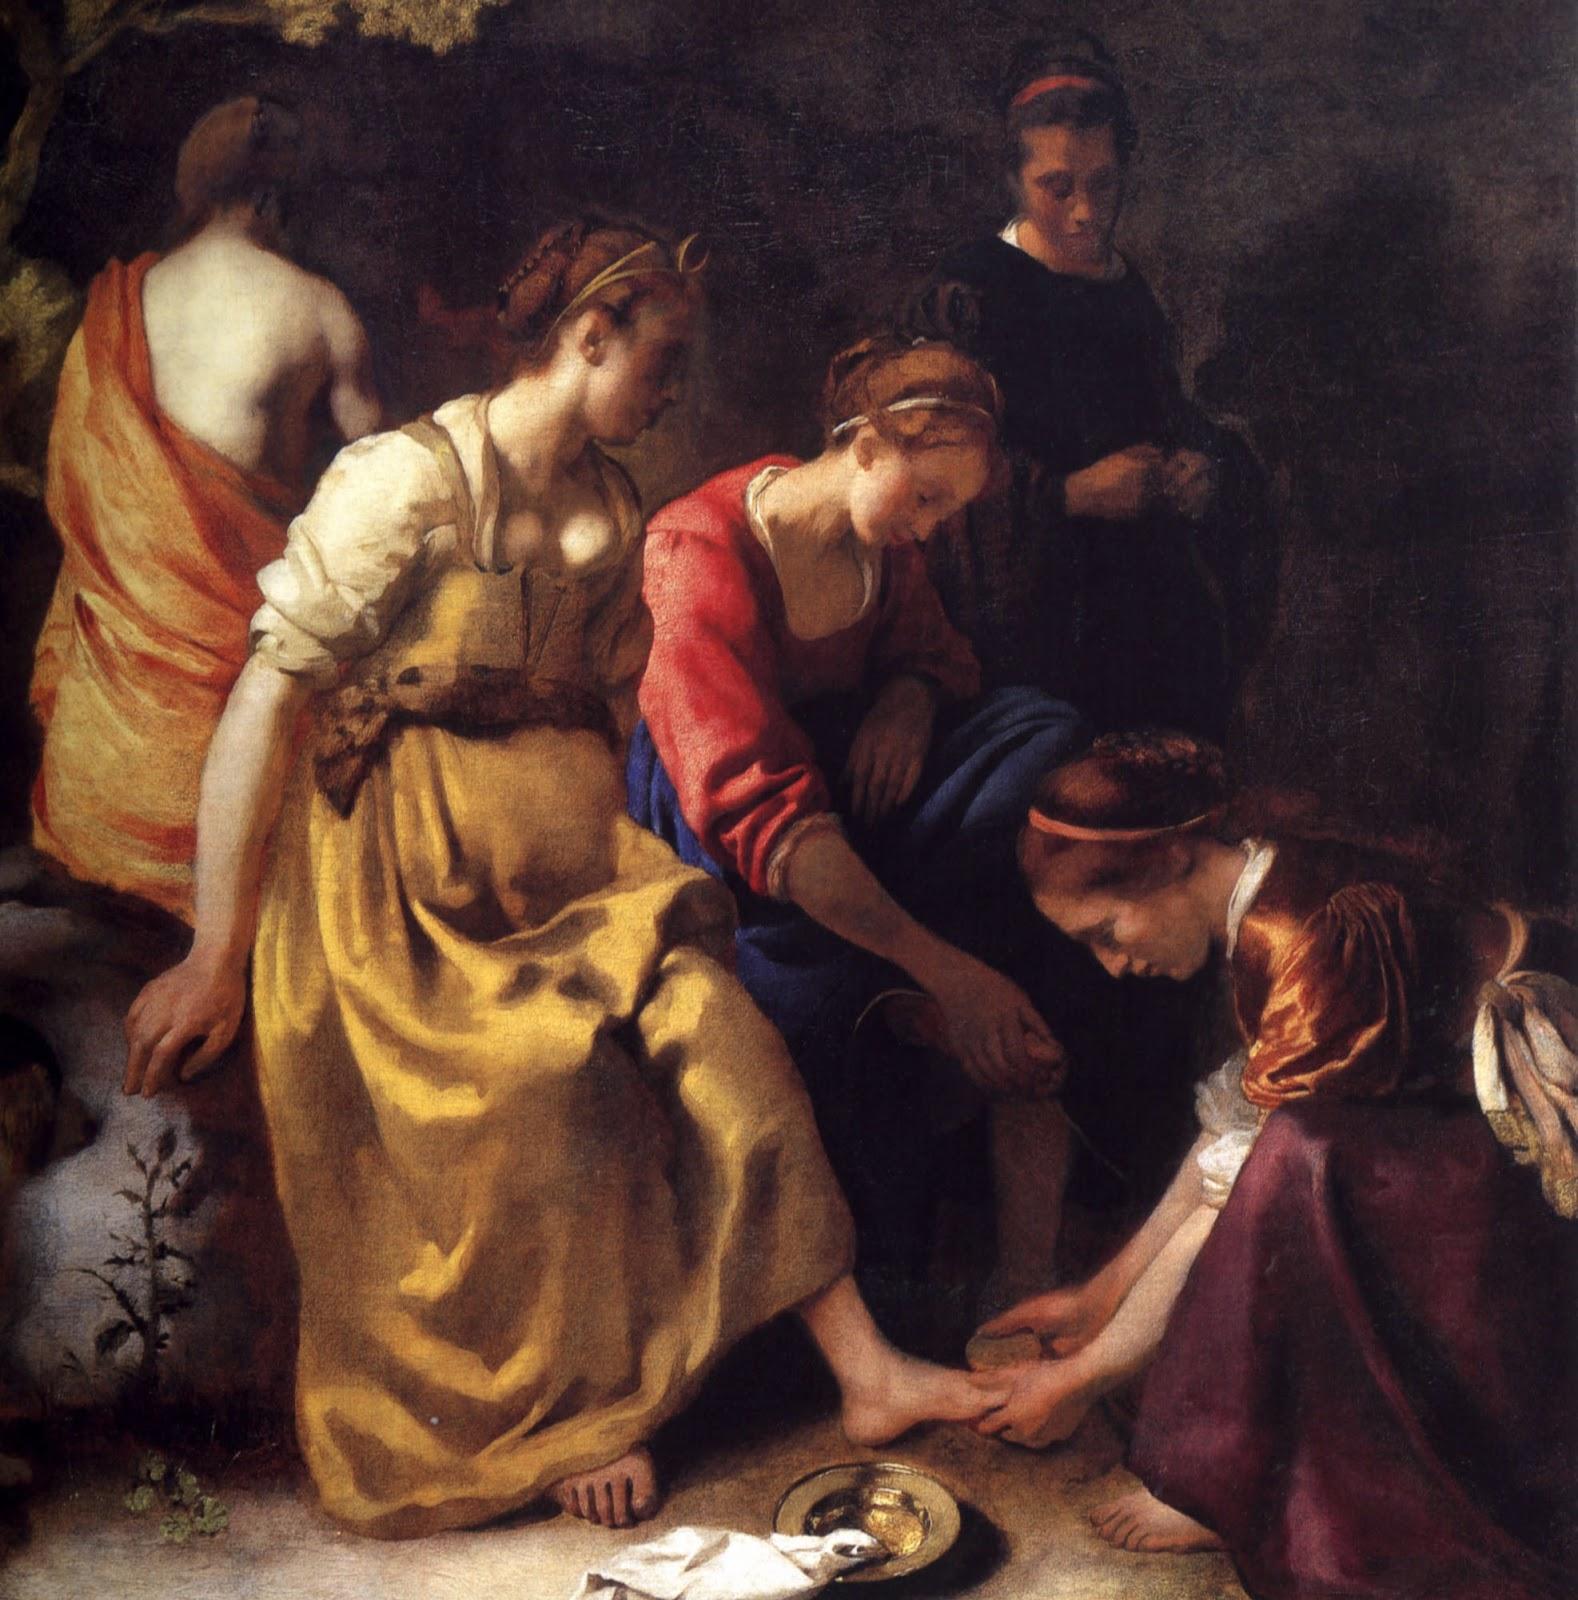 Diana e seus Companheiros - Vermeer, Jan e suas principais pinturas